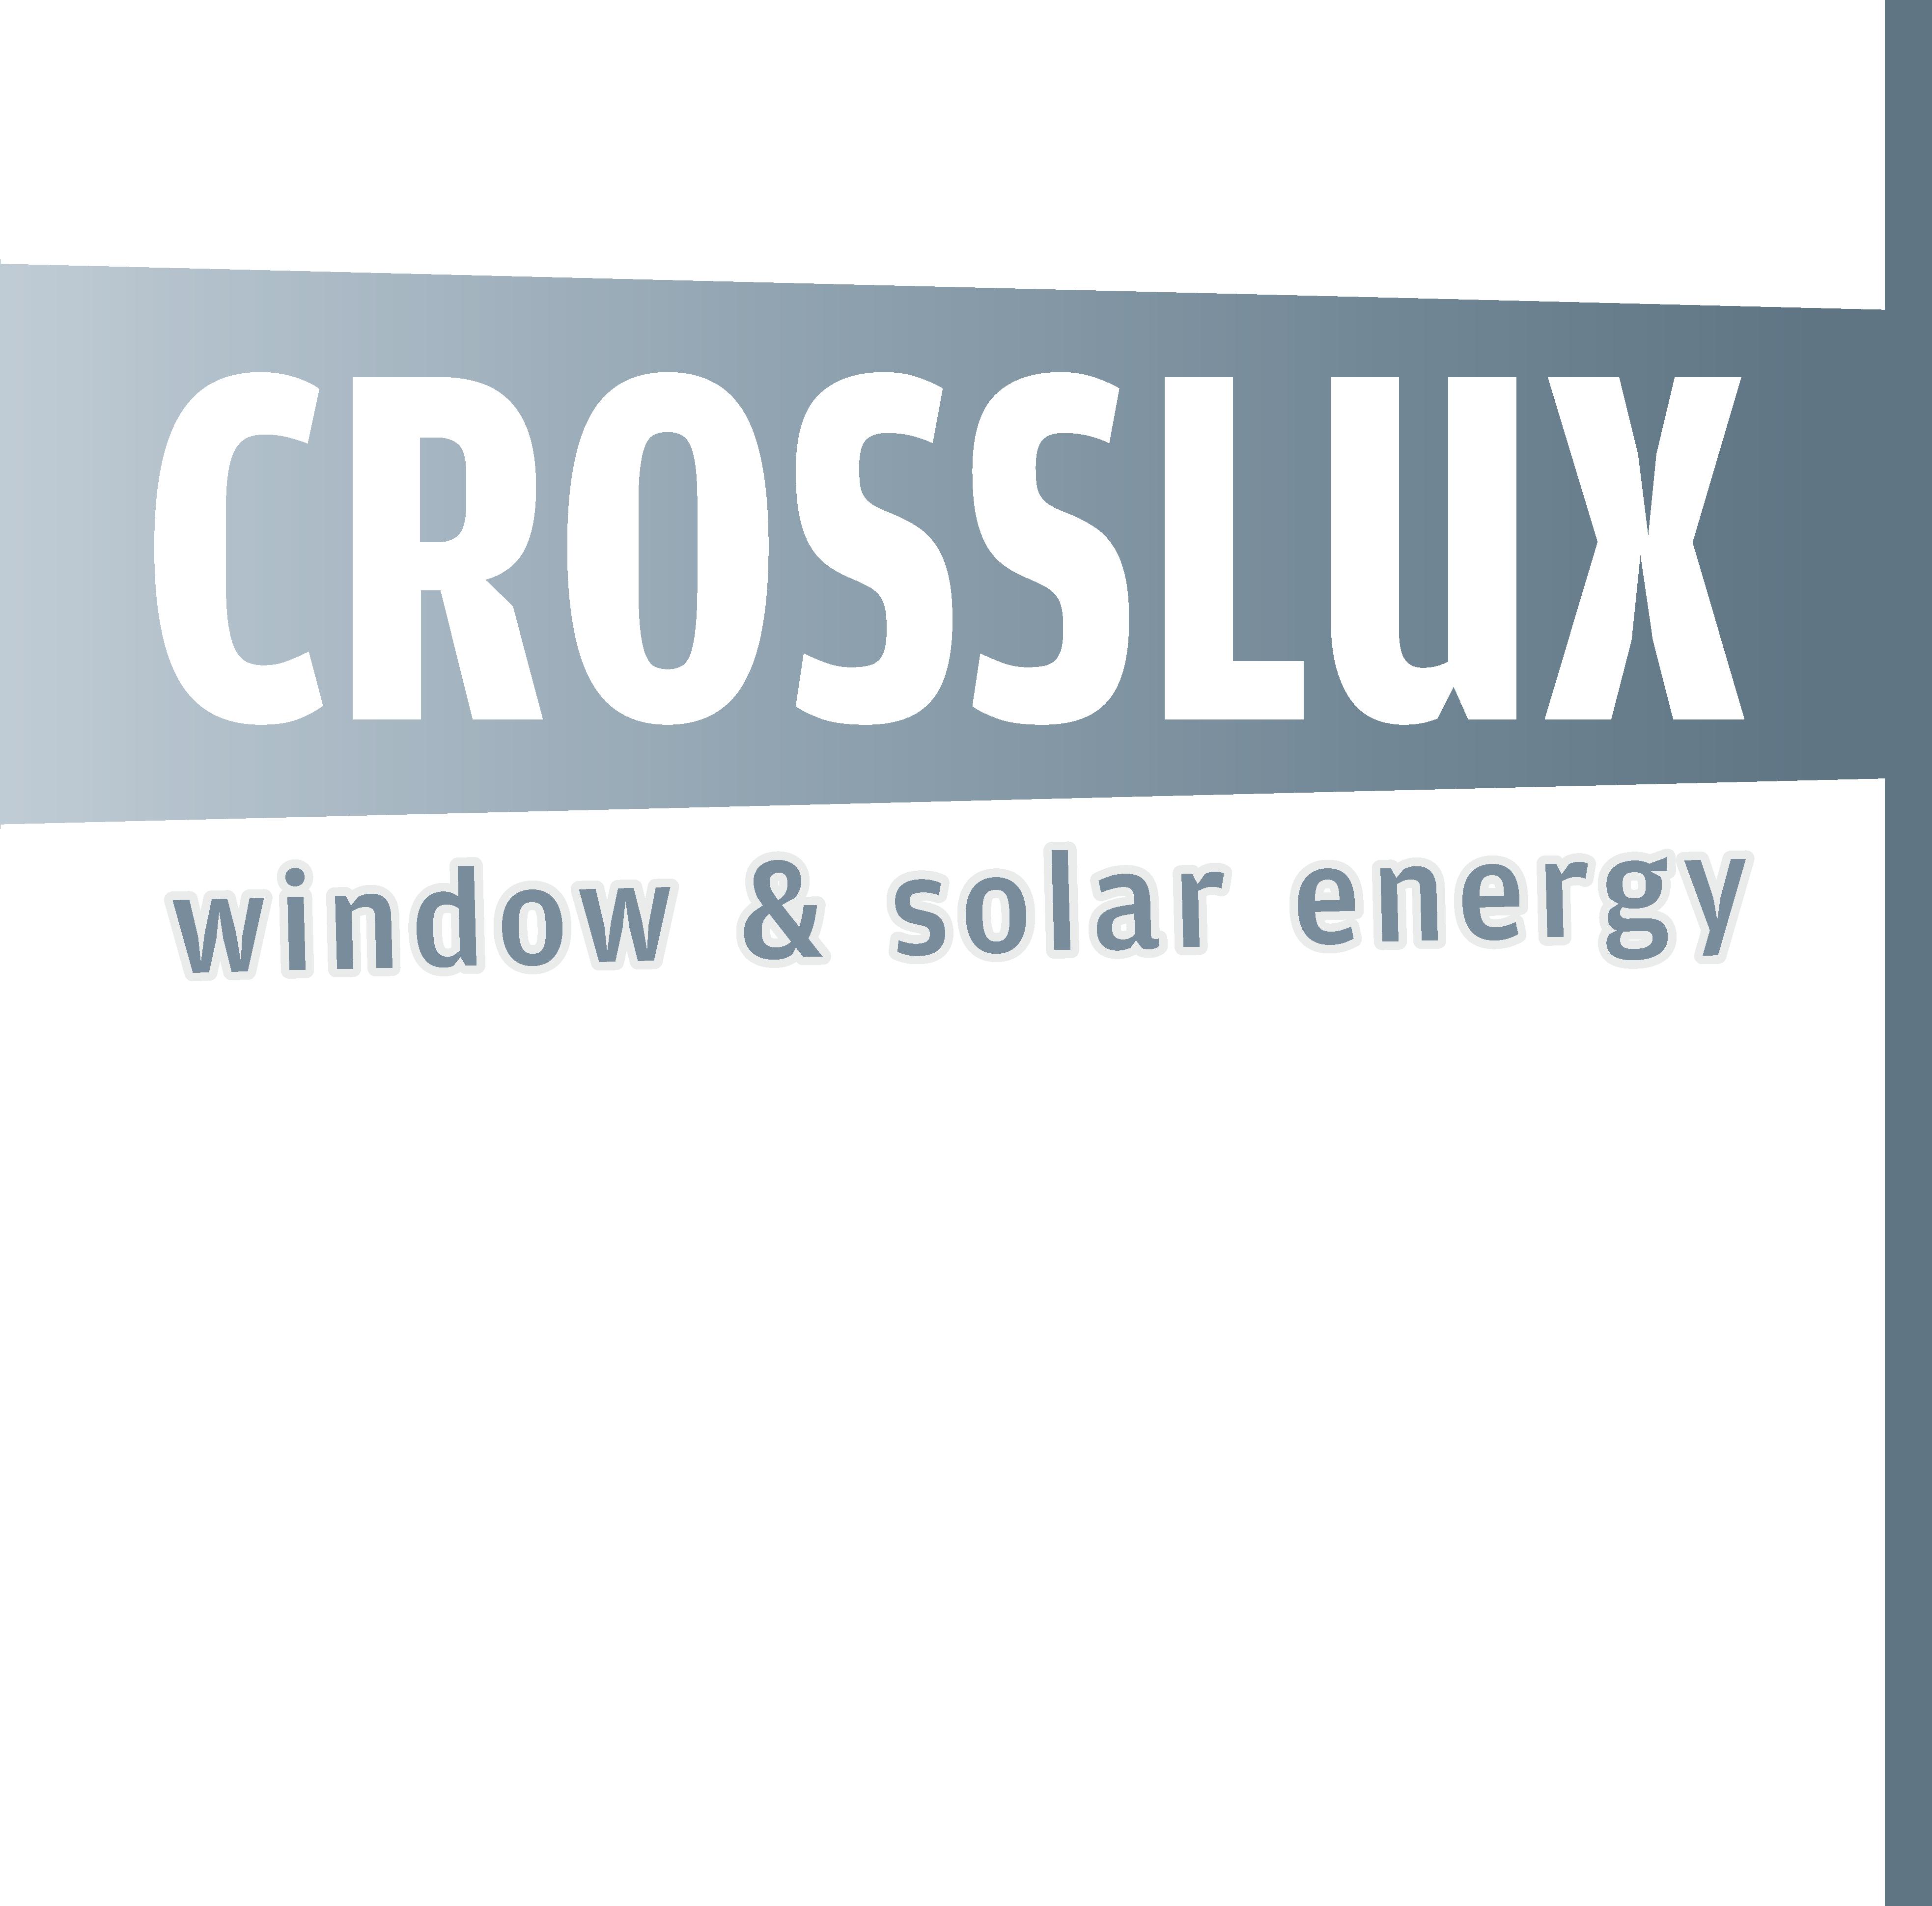 Crosslux